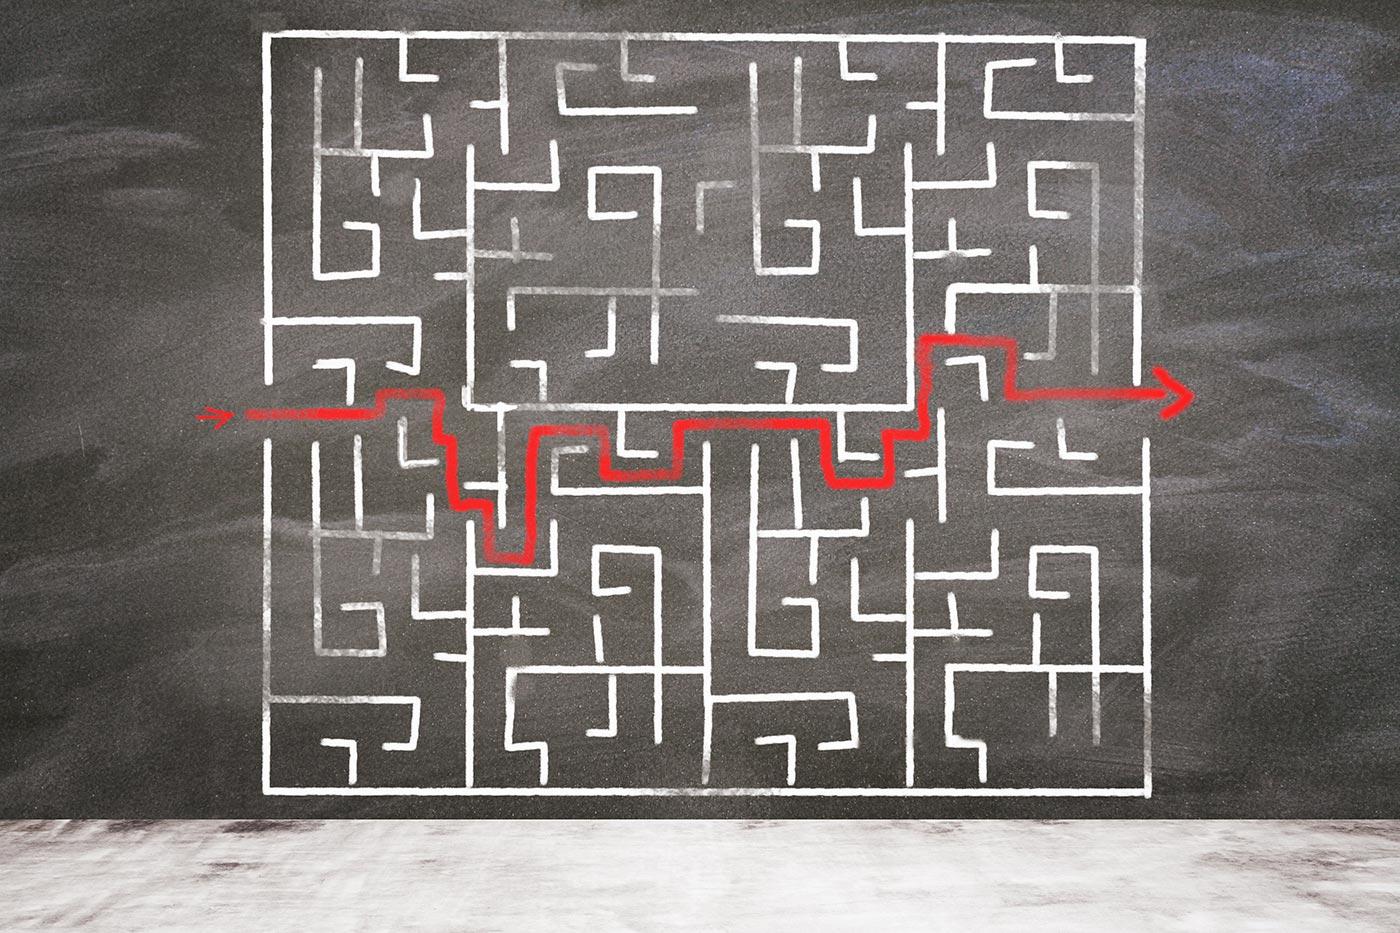 Hyvä strategia on luopumista, ei haalimista